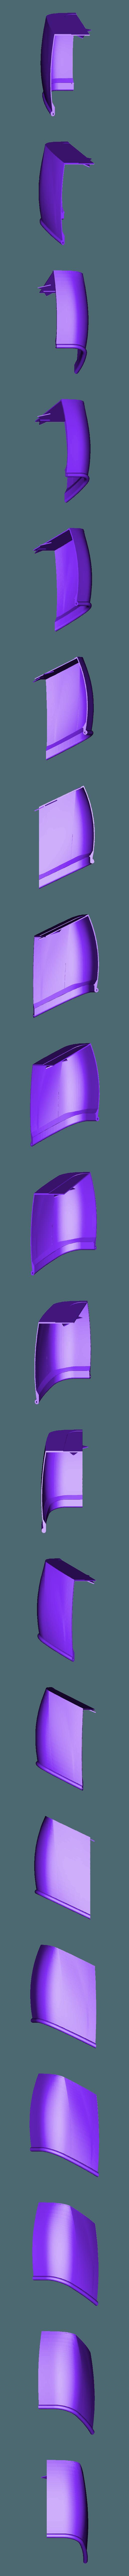 Front_Body_BL.stl Télécharger fichier STL gratuit Mario + Lapins Crétins - Plumer's Helper Boomshot • Modèle pour impression 3D, Dsk